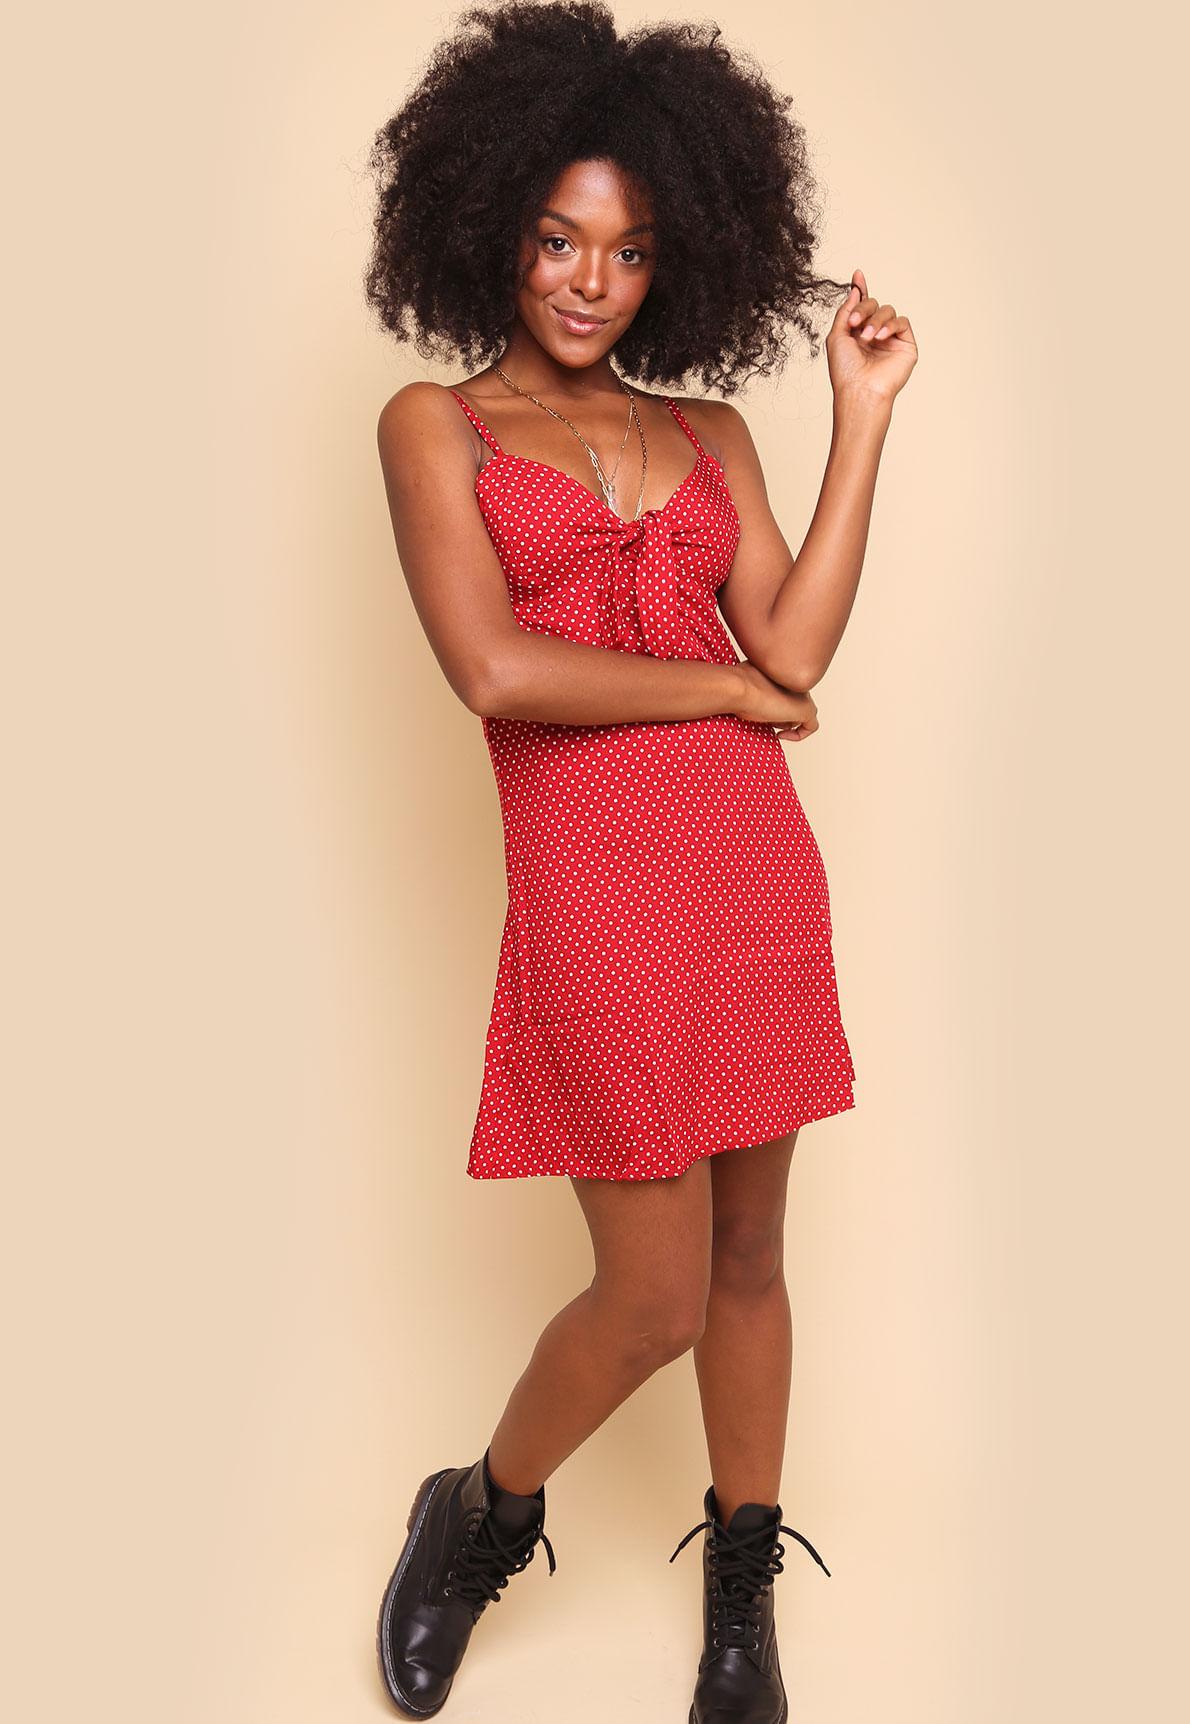 31130-vestido-slip-dress-bonjour-belle-11